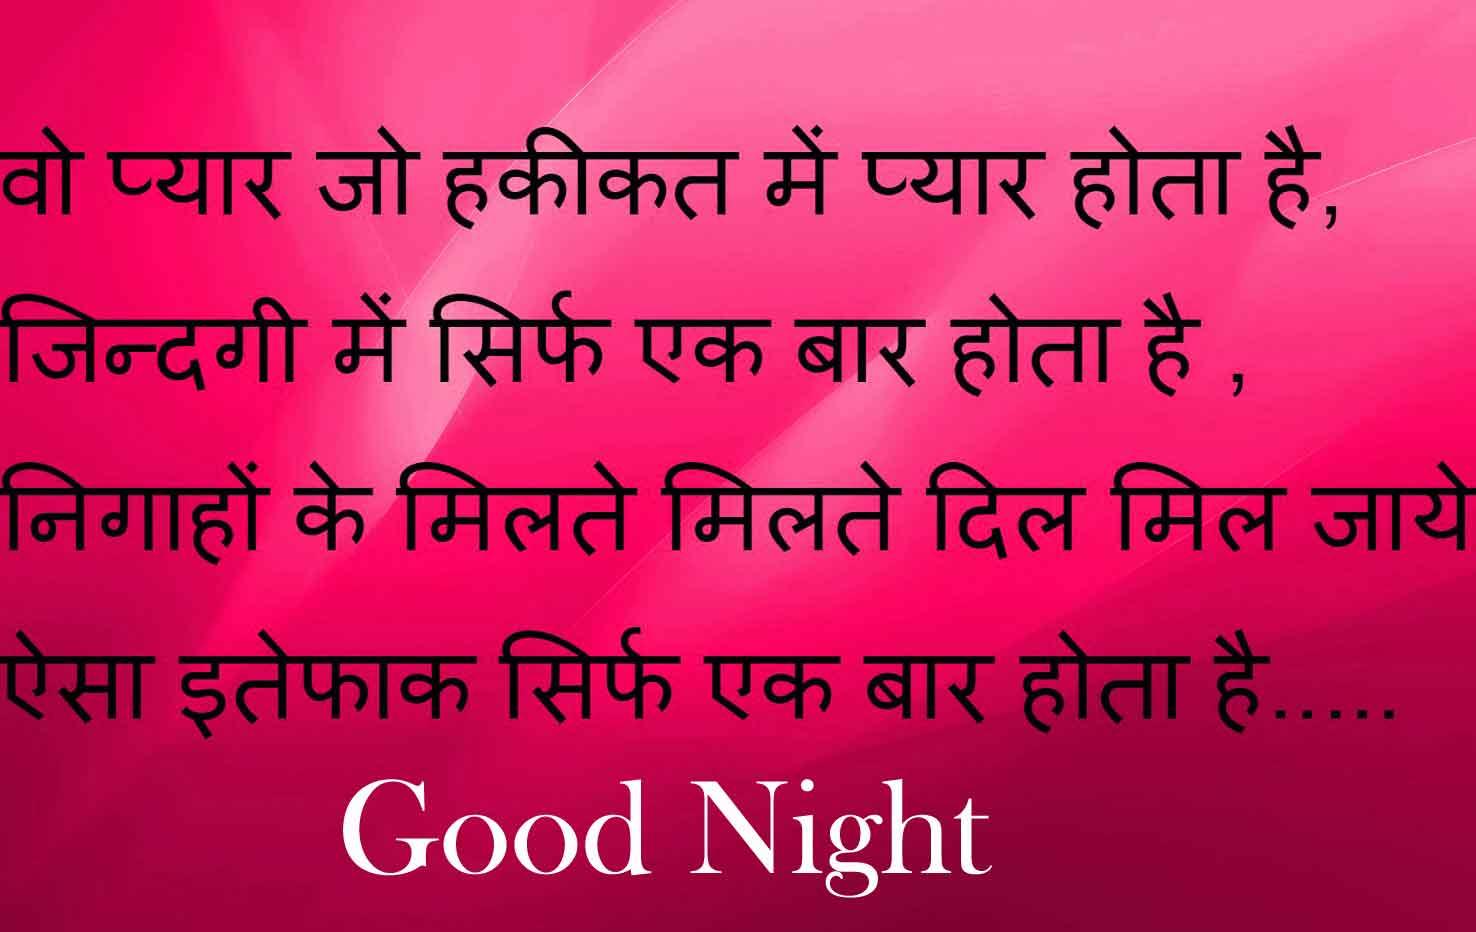 Shayari Good Night Wallpaper HD